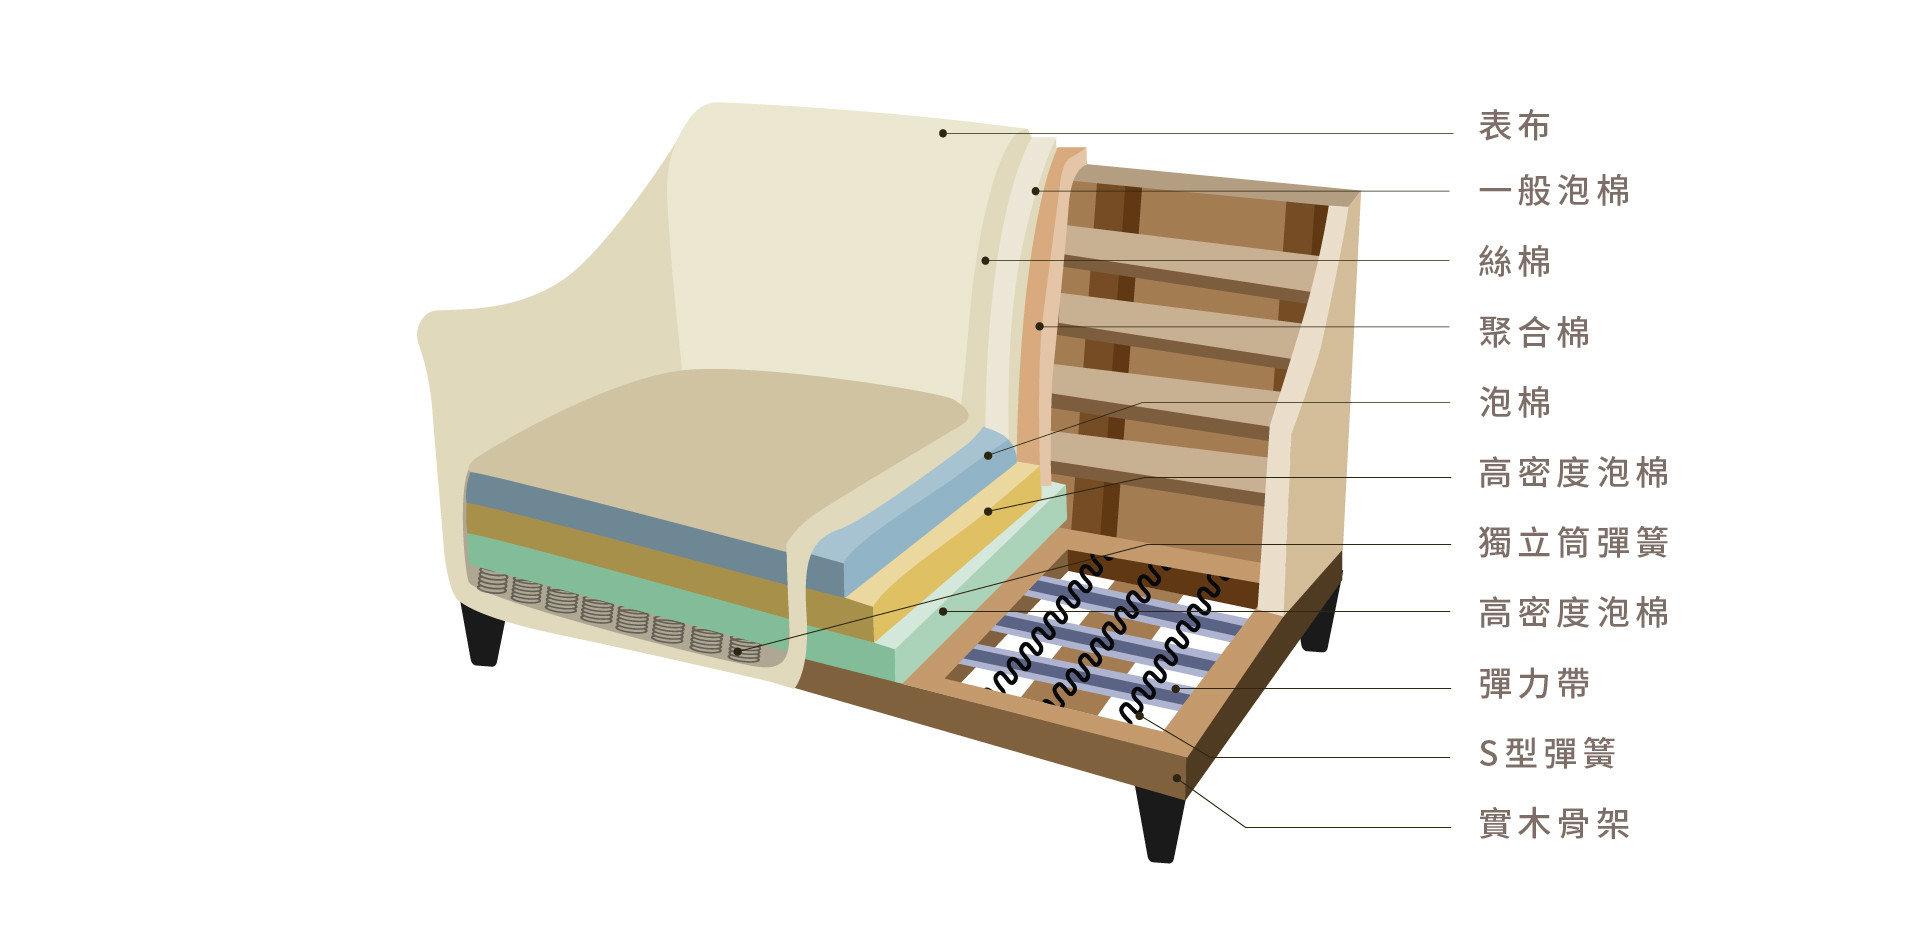 席琳沙發內材結構:表布、泡棉、絲棉、聚合棉、高密度泡棉、獨立筒彈簧、實木結構,支撐性及舒適都幫您考慮進去了